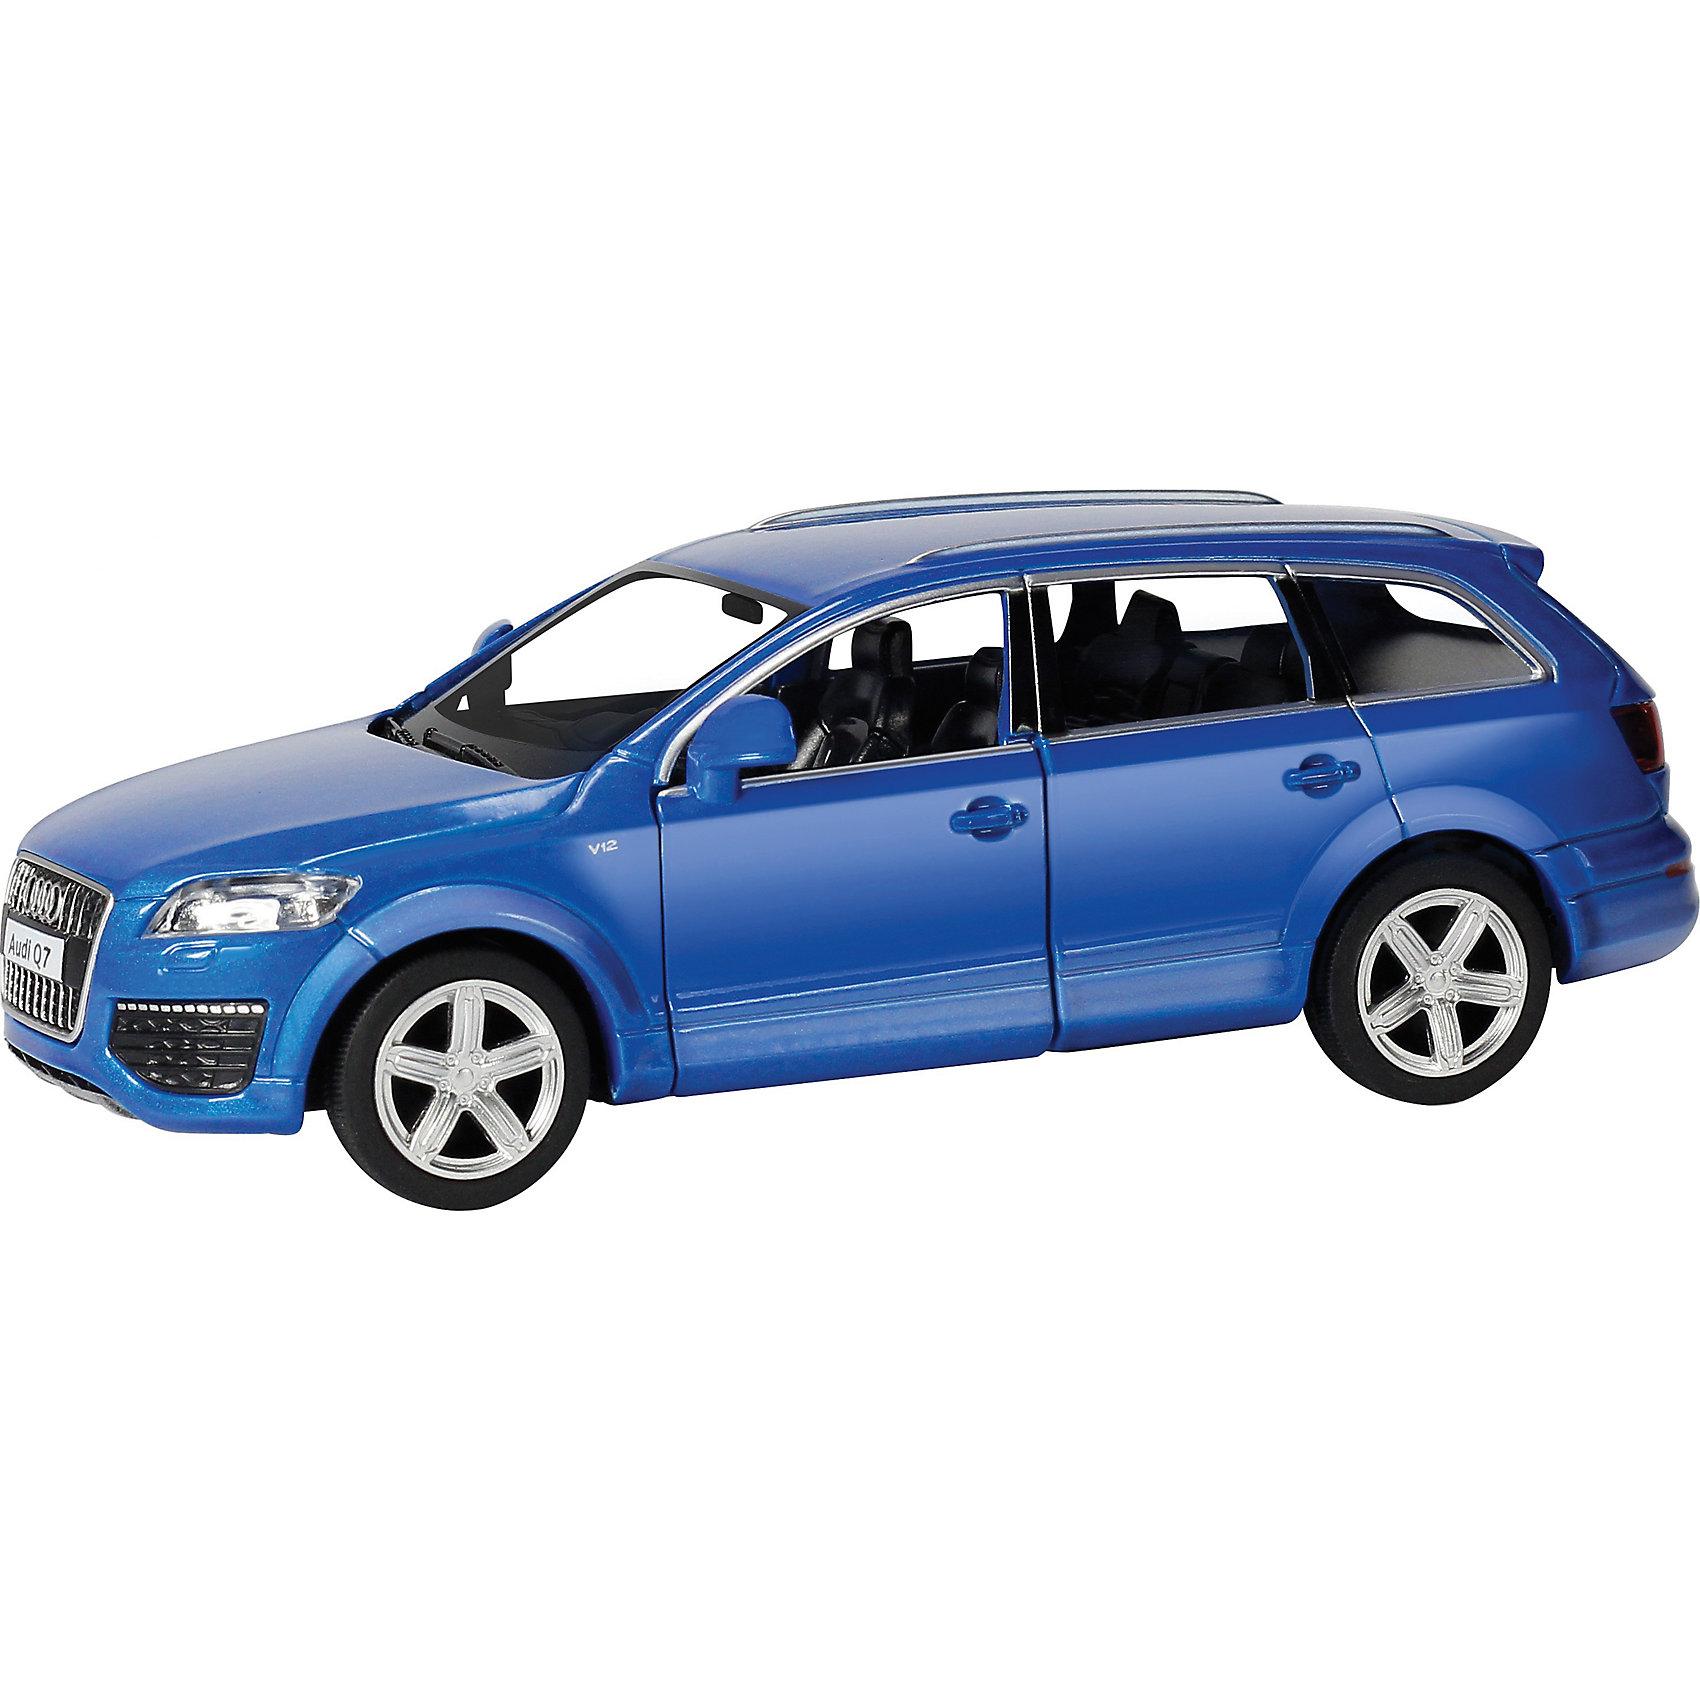 Машинка Audi Q7 V12 5, AutotimeМашинки<br>Характеристики товара:<br><br>• цвет: синий<br>• возраст: от 3 лет<br>• материал: металл, пластик<br>• масштаб: 1:36<br>• двери открываются<br>• размер упаковки: 16х6х7 см<br>• вес с упаковкой: 100 г<br>• страна бренда: Россия, Китай<br>• страна изготовитель: Китай<br><br>Такая машинка представляет собой миниатюрную копию реально существующей модели. Она отличается высокой детализацией, является коллекционной моделью. <br><br>Сделана машинка из прочного и безопасного материала. Корпус - из металла. Благодаря прозрачным стеклам виден подробно проработанный салон.<br><br>Машинку «Audi Q7 V12 5», Autotime (Автотайм) можно купить в нашем интернет-магазине.<br><br>Ширина мм: 165<br>Глубина мм: 57<br>Высота мм: 75<br>Вес г: 13<br>Возраст от месяцев: 36<br>Возраст до месяцев: 2147483647<br>Пол: Мужской<br>Возраст: Детский<br>SKU: 5584103